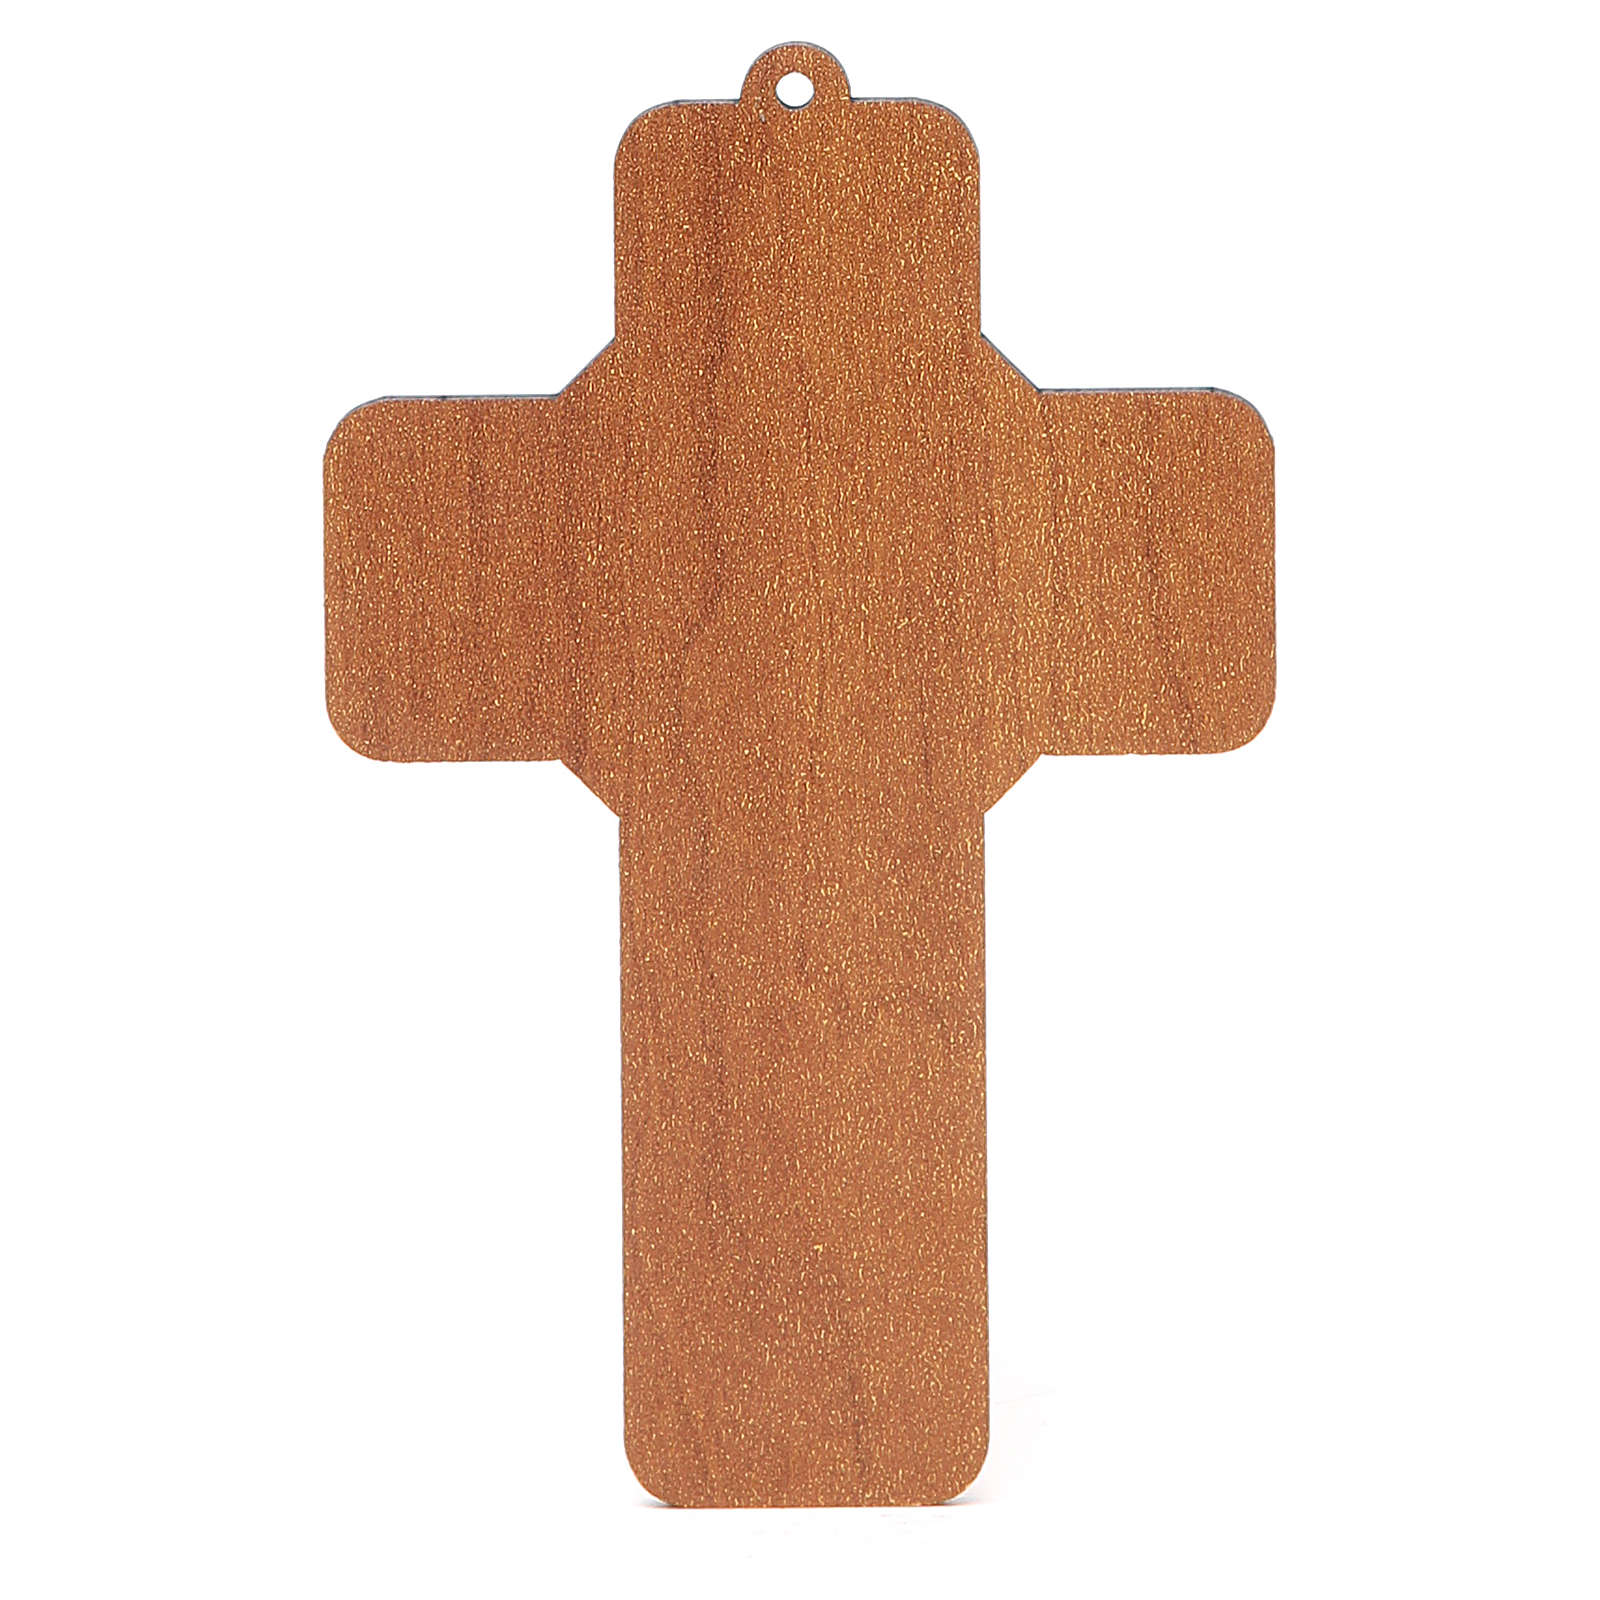 Croix pvc Confirmation avec carte souvenir 3